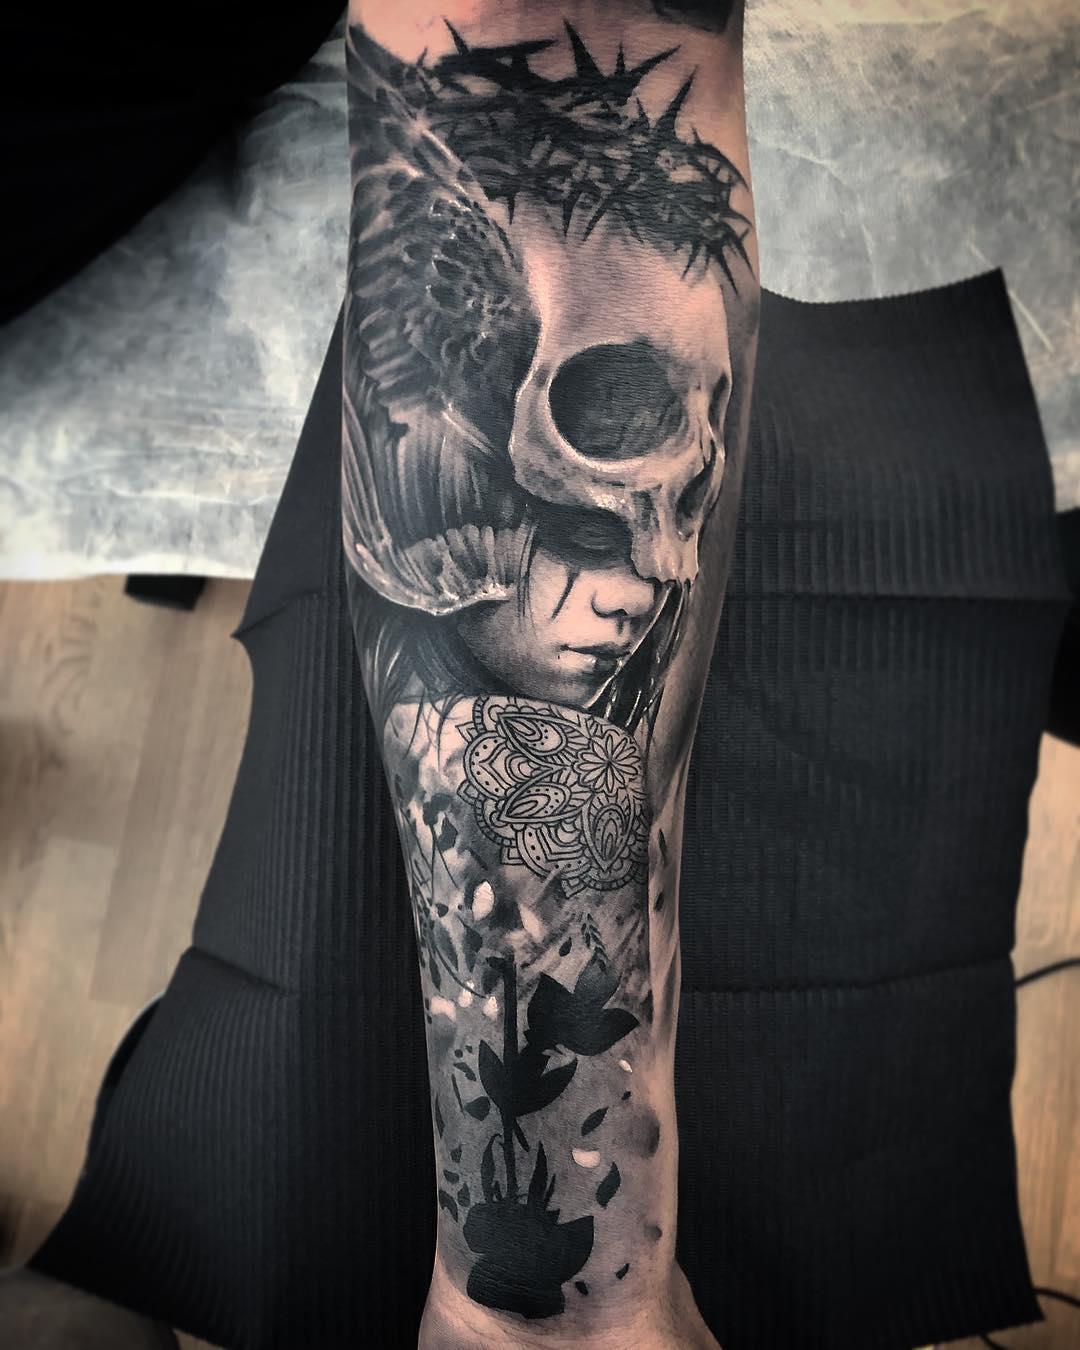 Ezequiel Samuraii S Black And Grey Realistic Tattoo